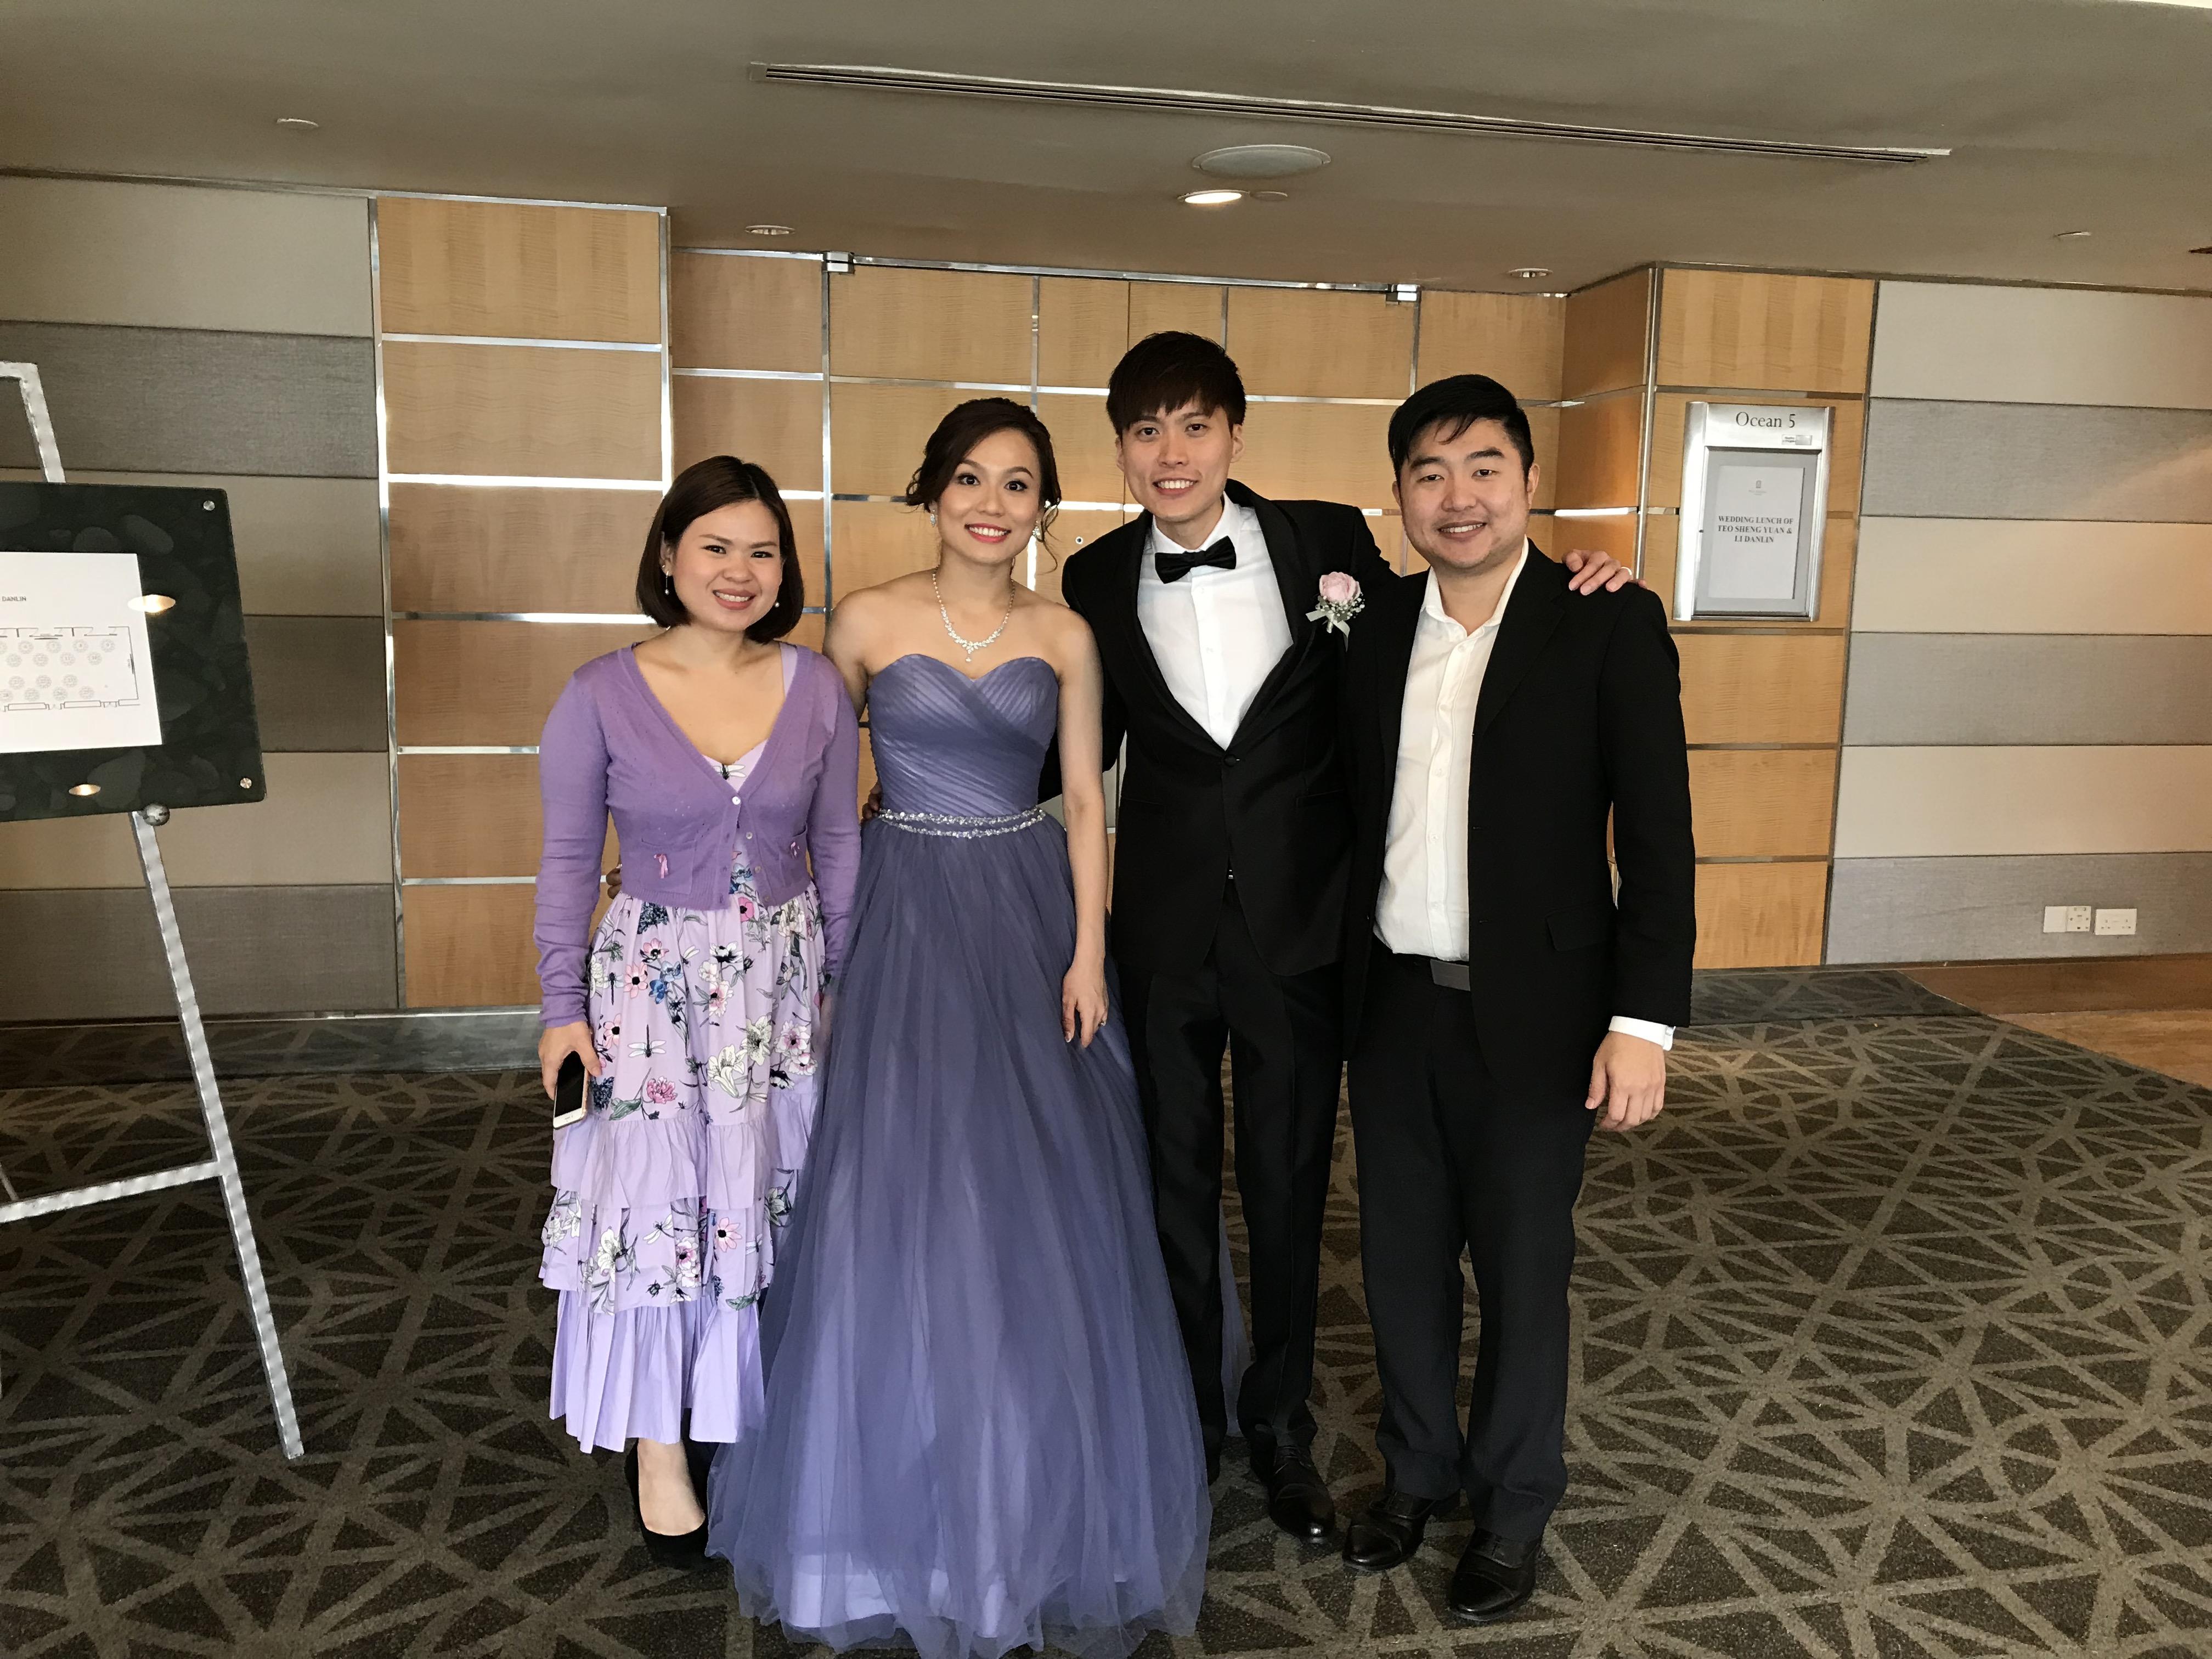 Shen Yuan and Danlin